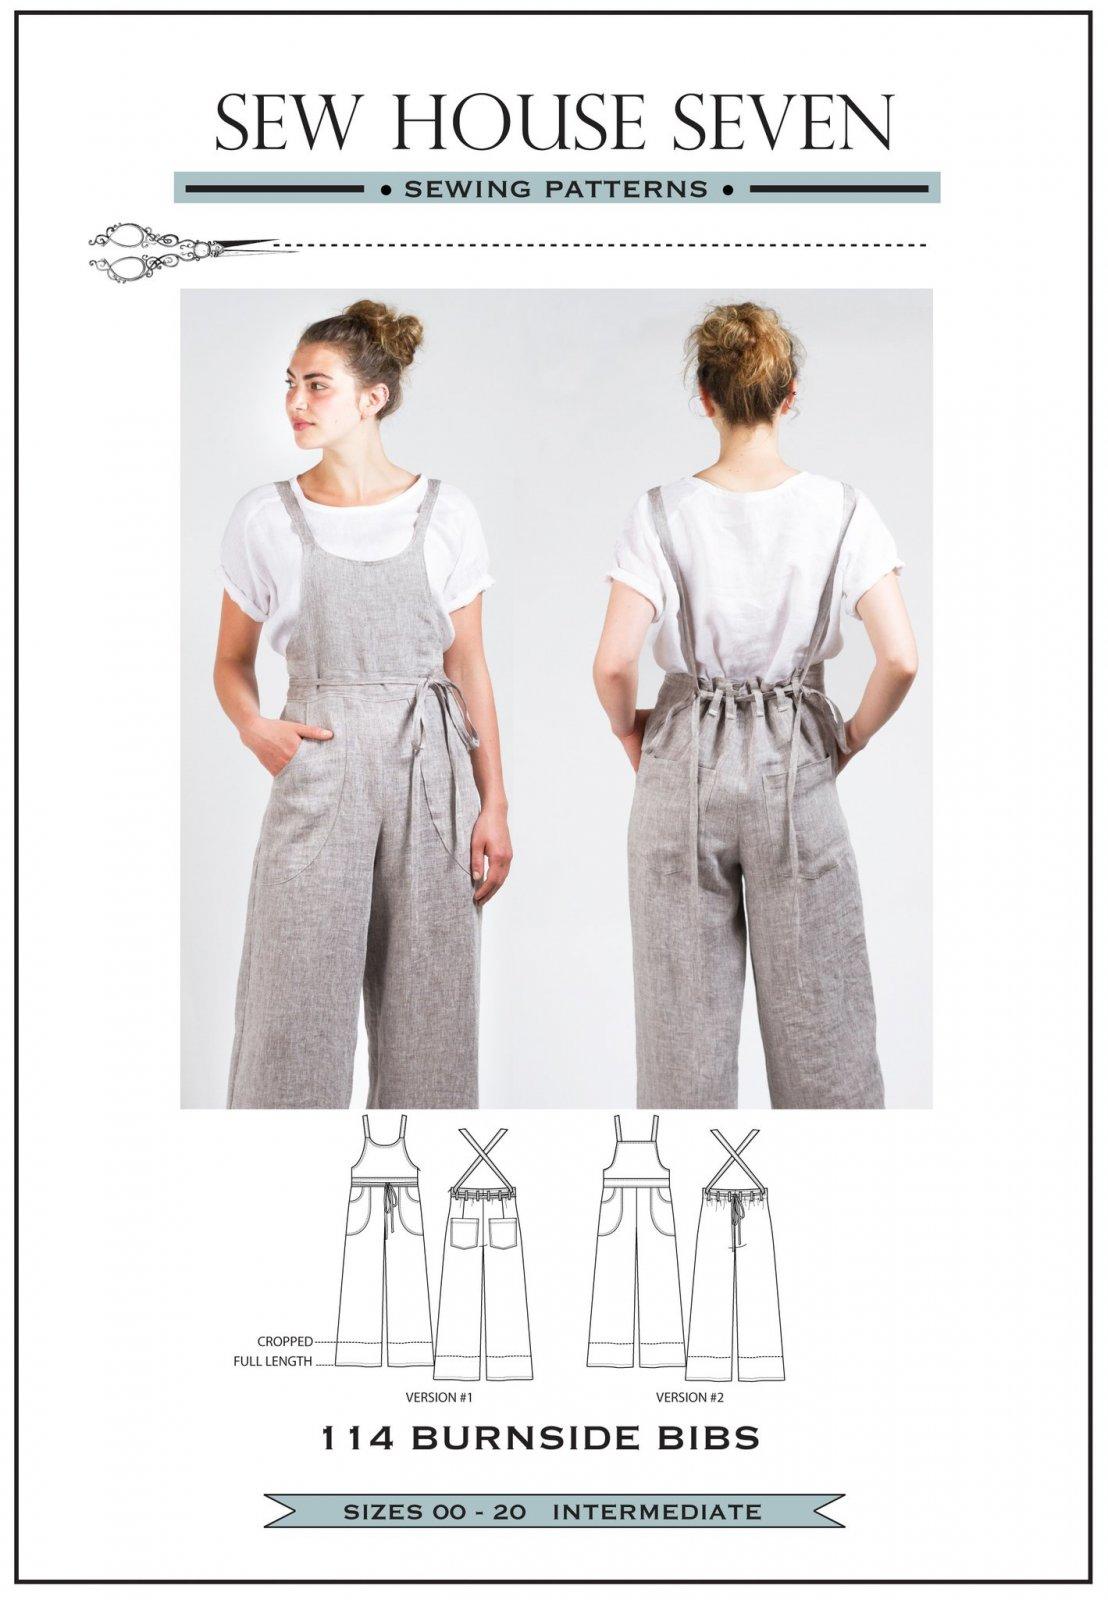 Sew House Seven Burnside Bibs Sewing Pattern